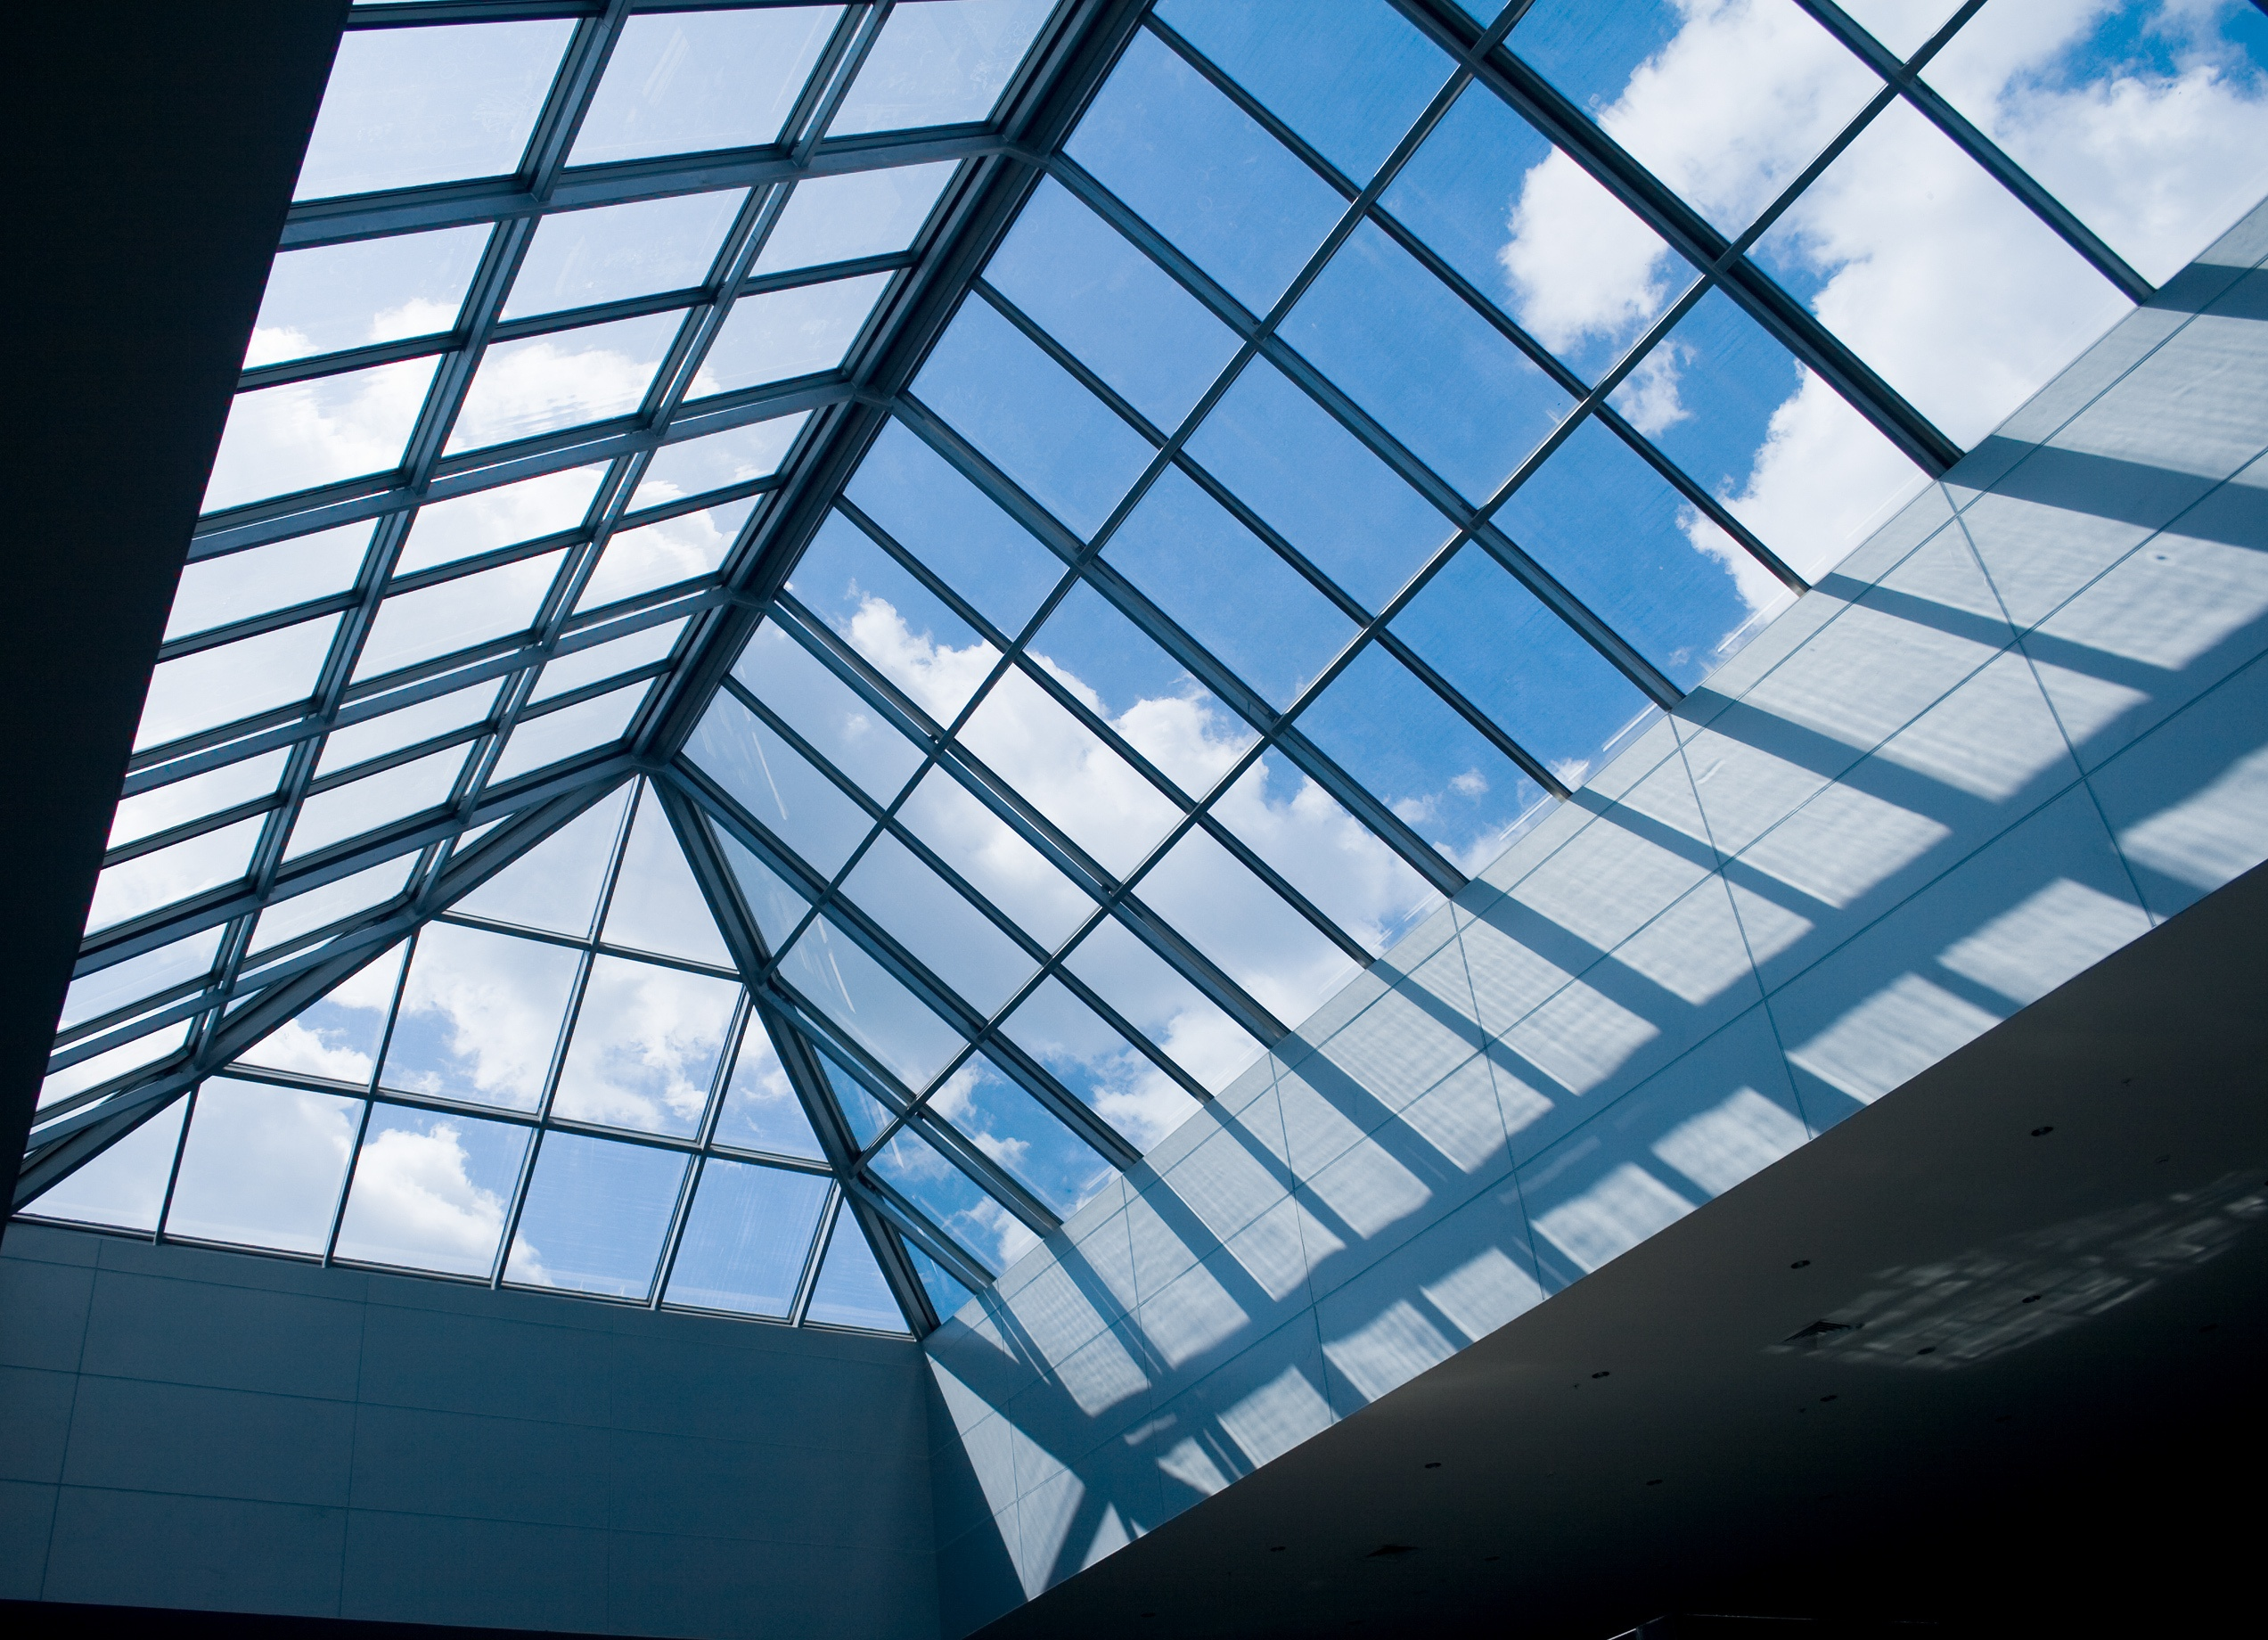 skylights-2